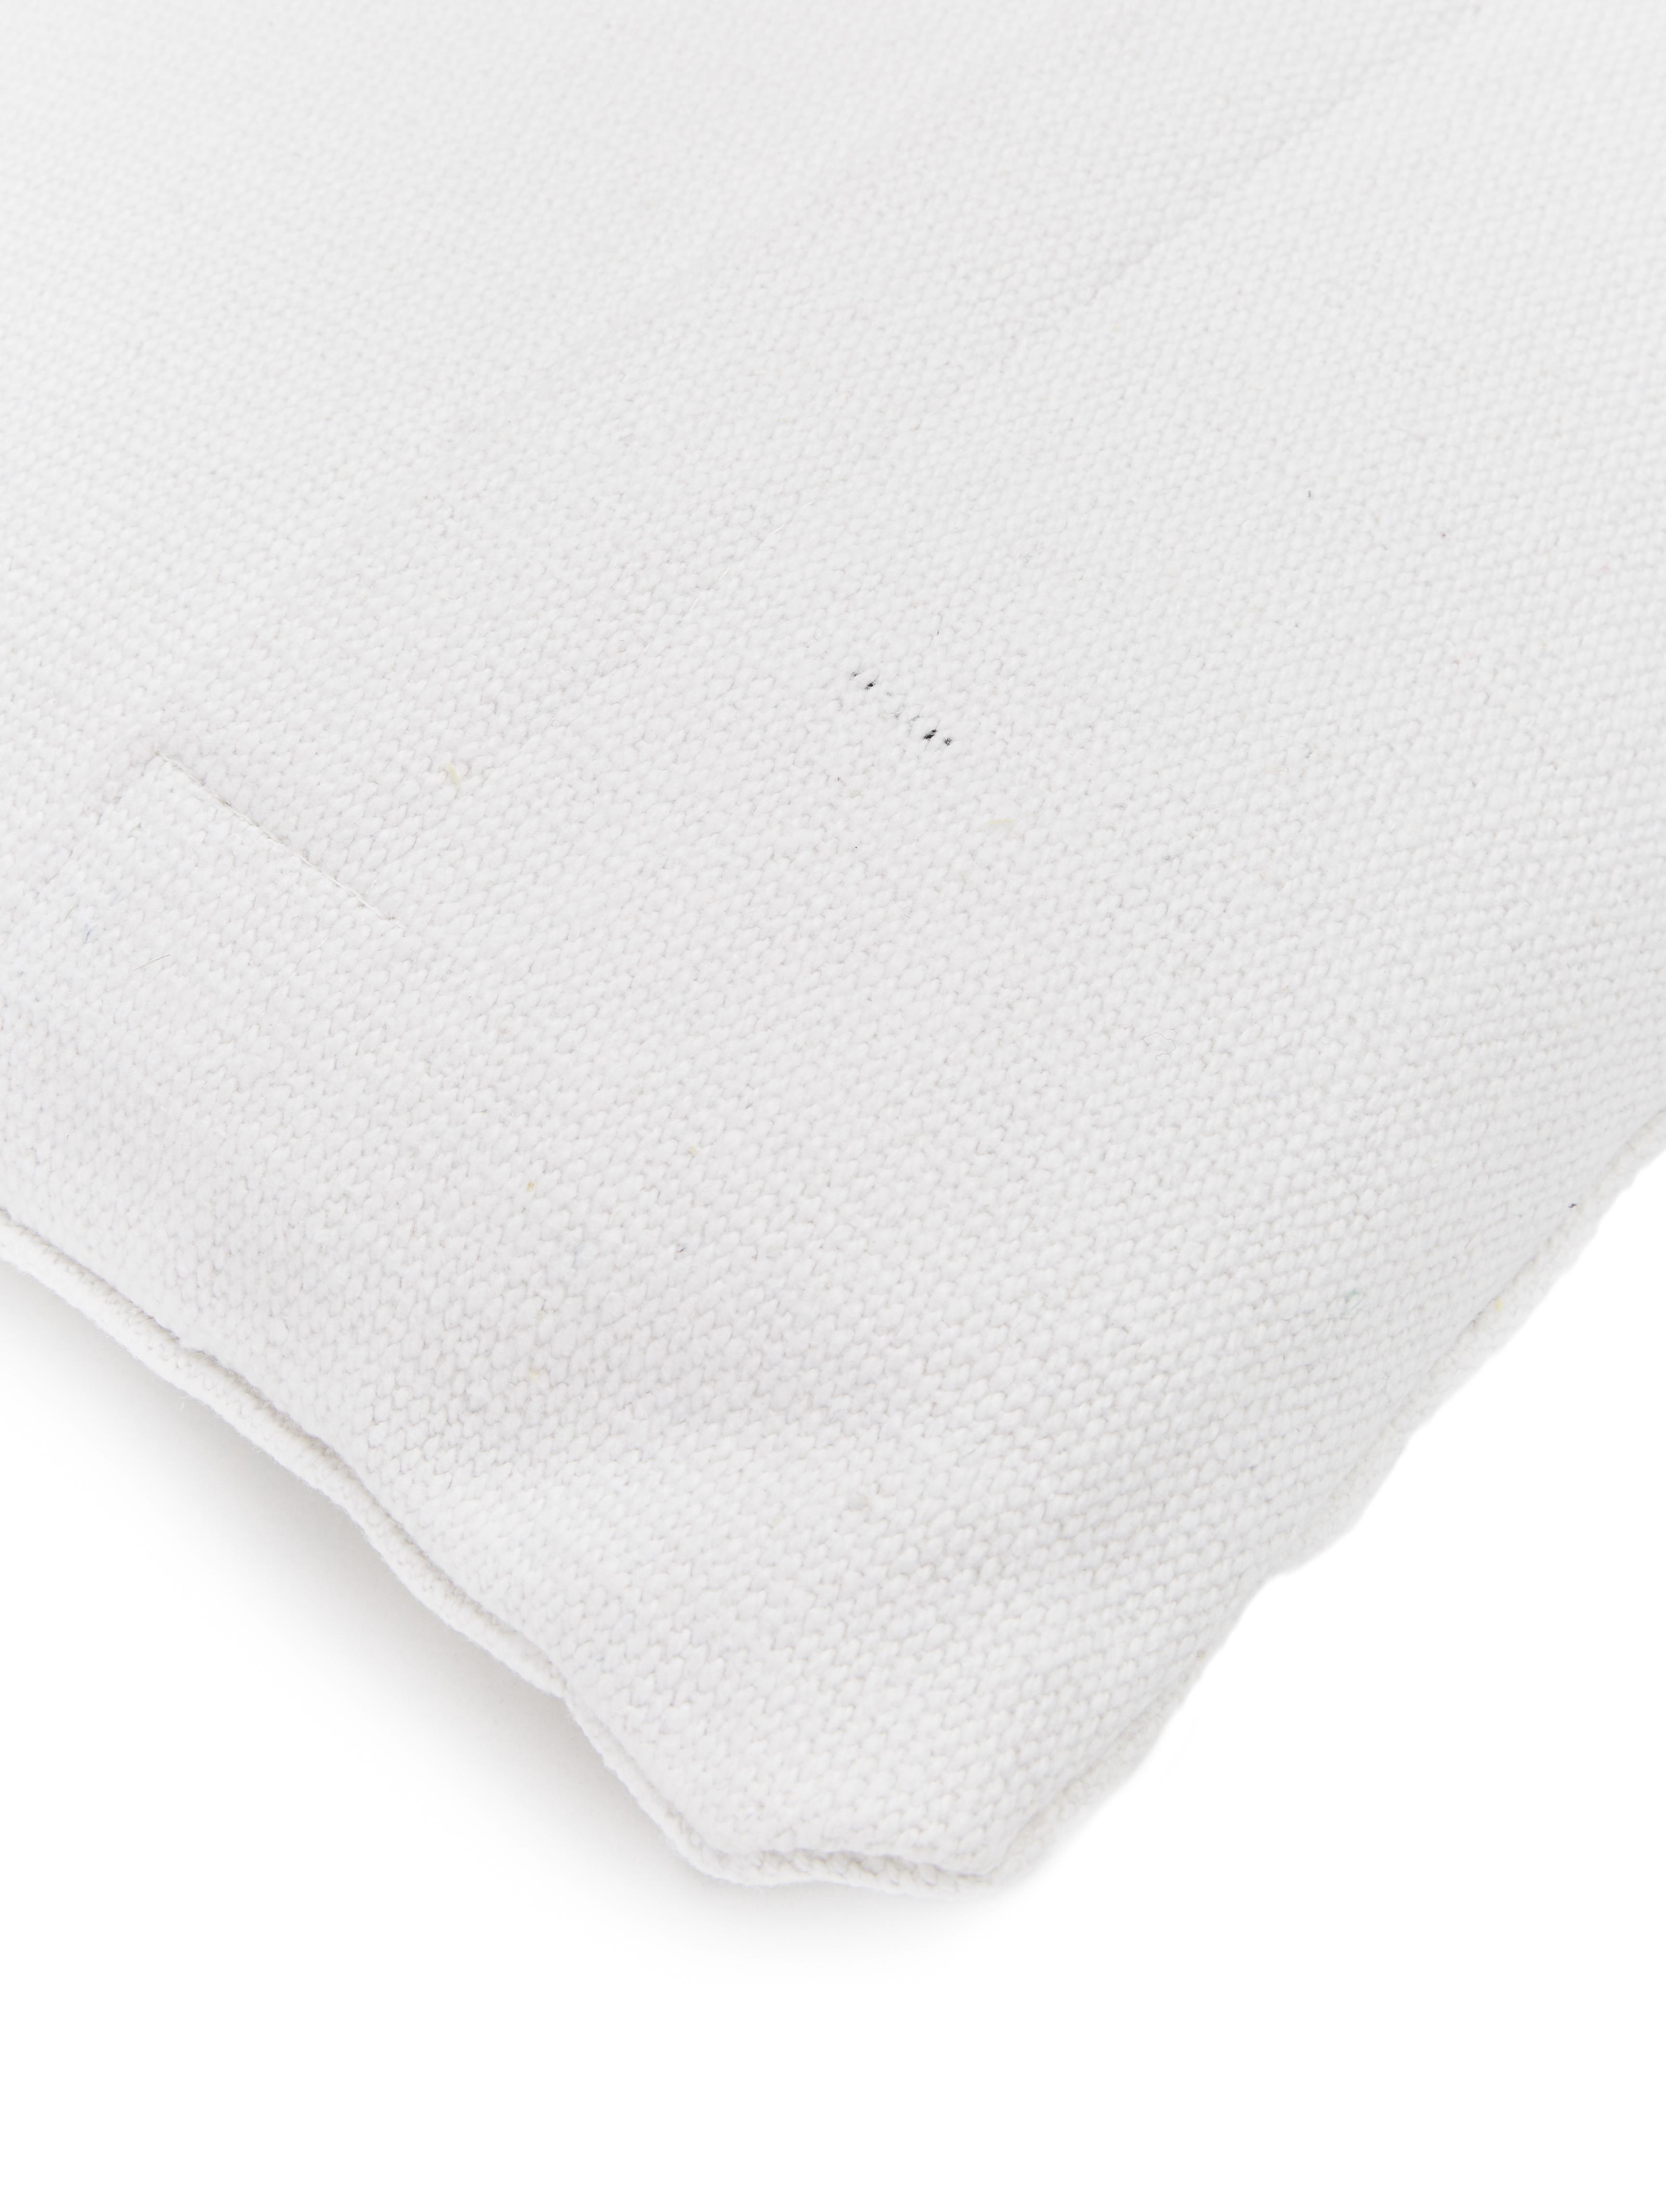 Kissen Sudda mit Hoch-Tief Effekt, mit Inlett, Bezug: 100% Baumwolle, Weiß, 30 x 50 cm